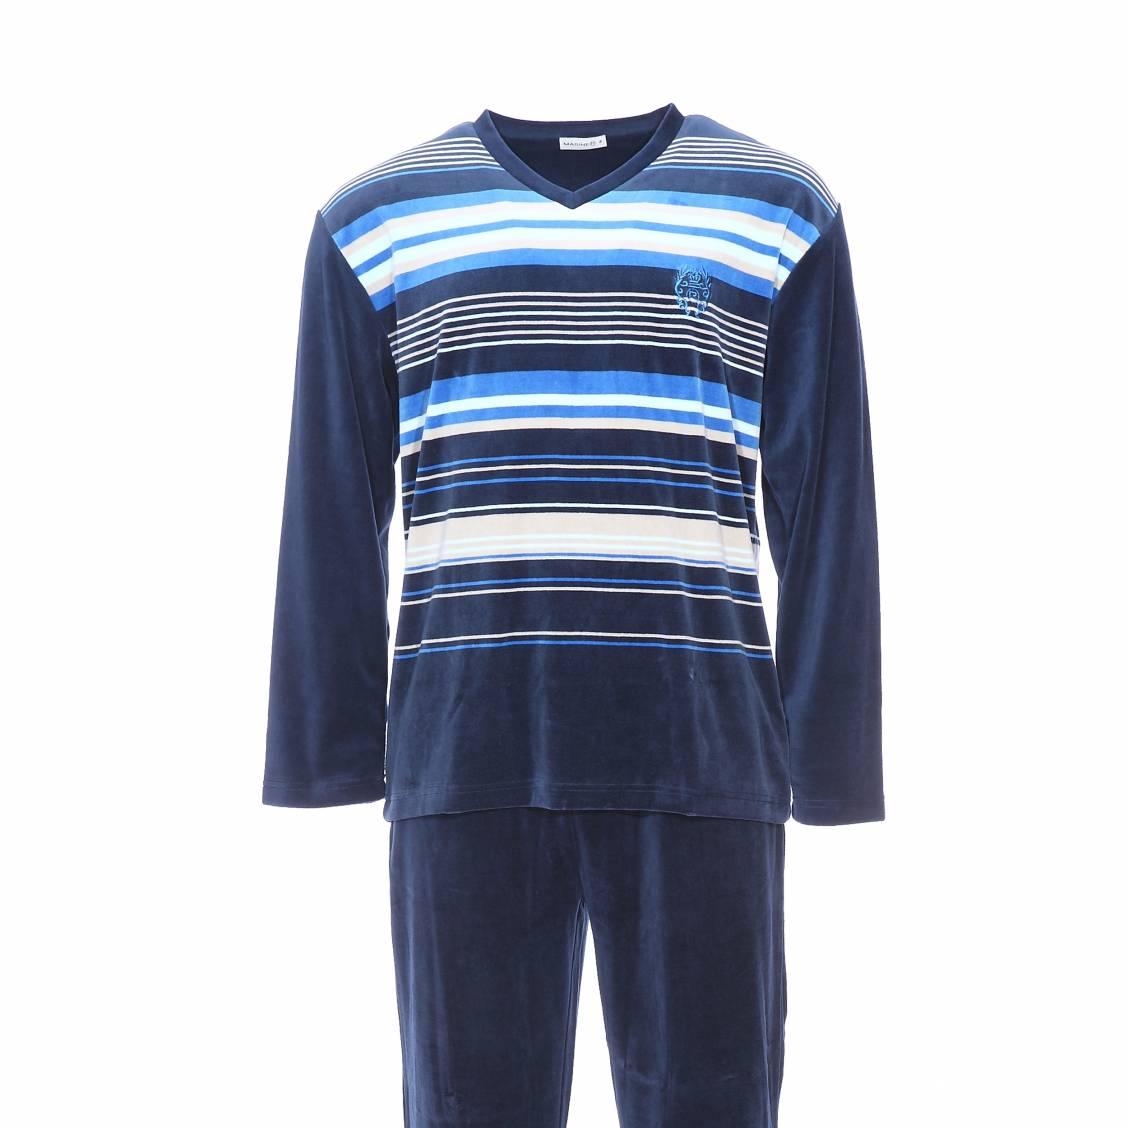 pyjama en velours mariner sweat col v bleu marine rayures bleues beiges et cr me pantalon. Black Bedroom Furniture Sets. Home Design Ideas